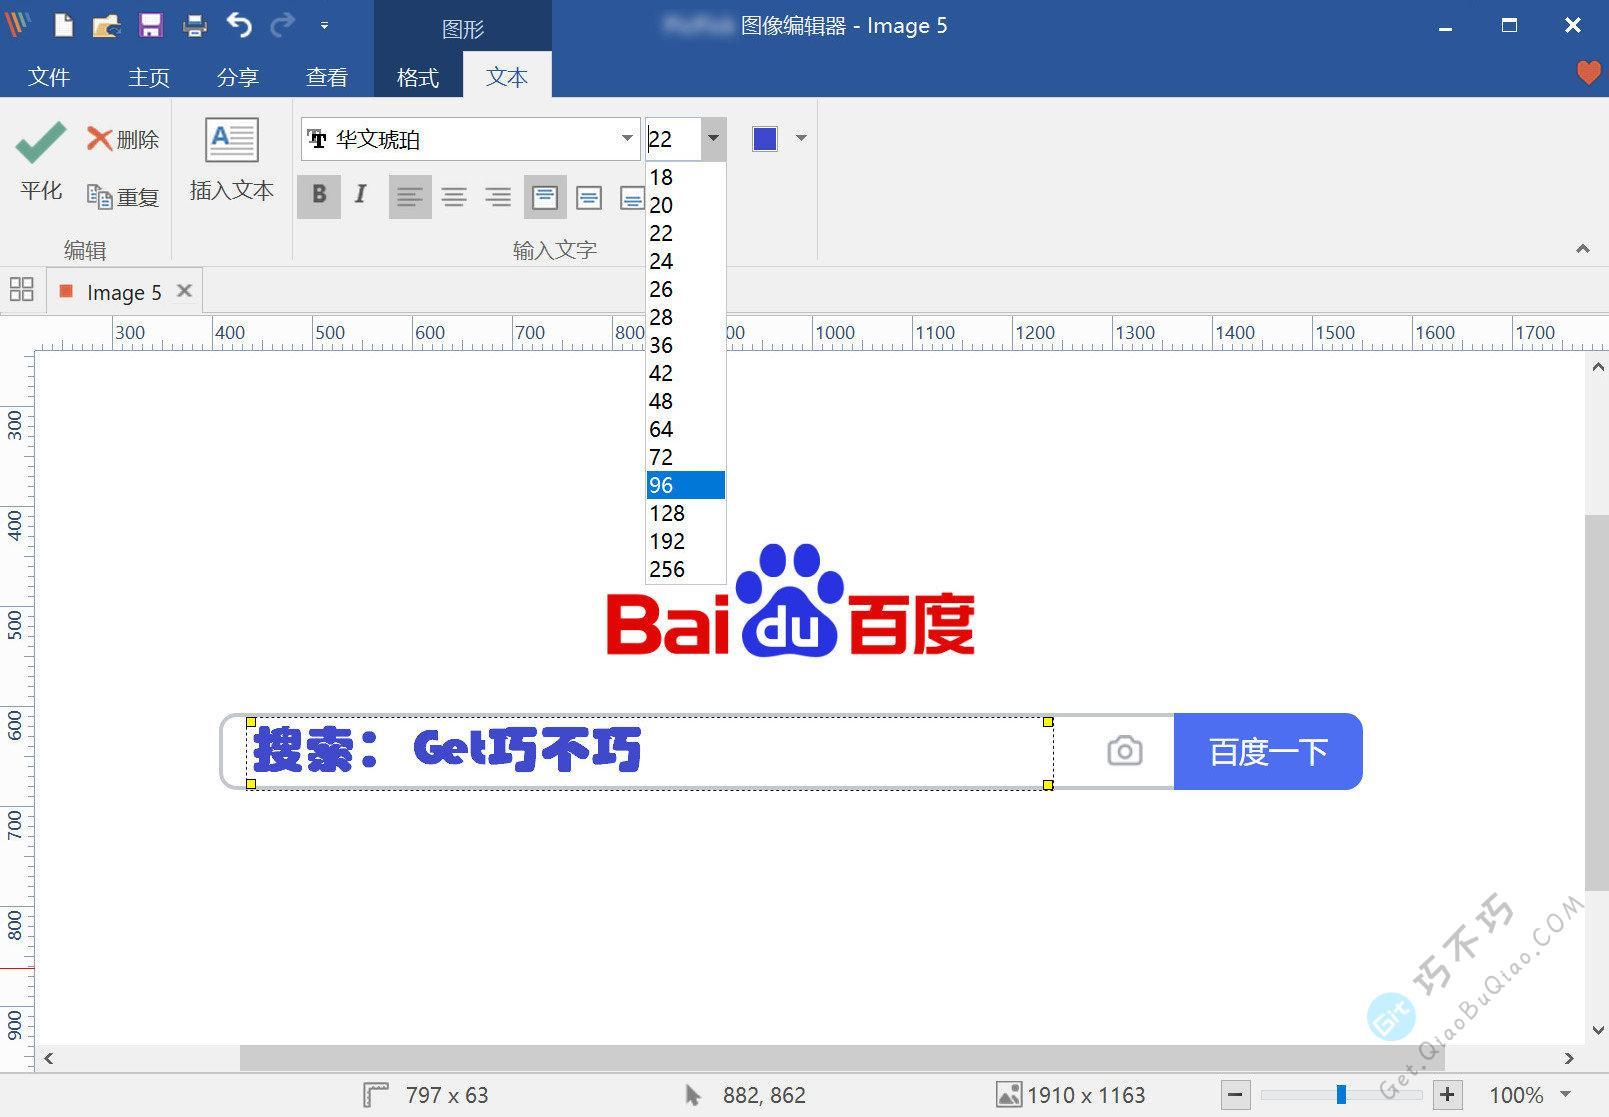 极为好用的屏幕截图、截屏、捕获工具,带强大的图片编辑功能